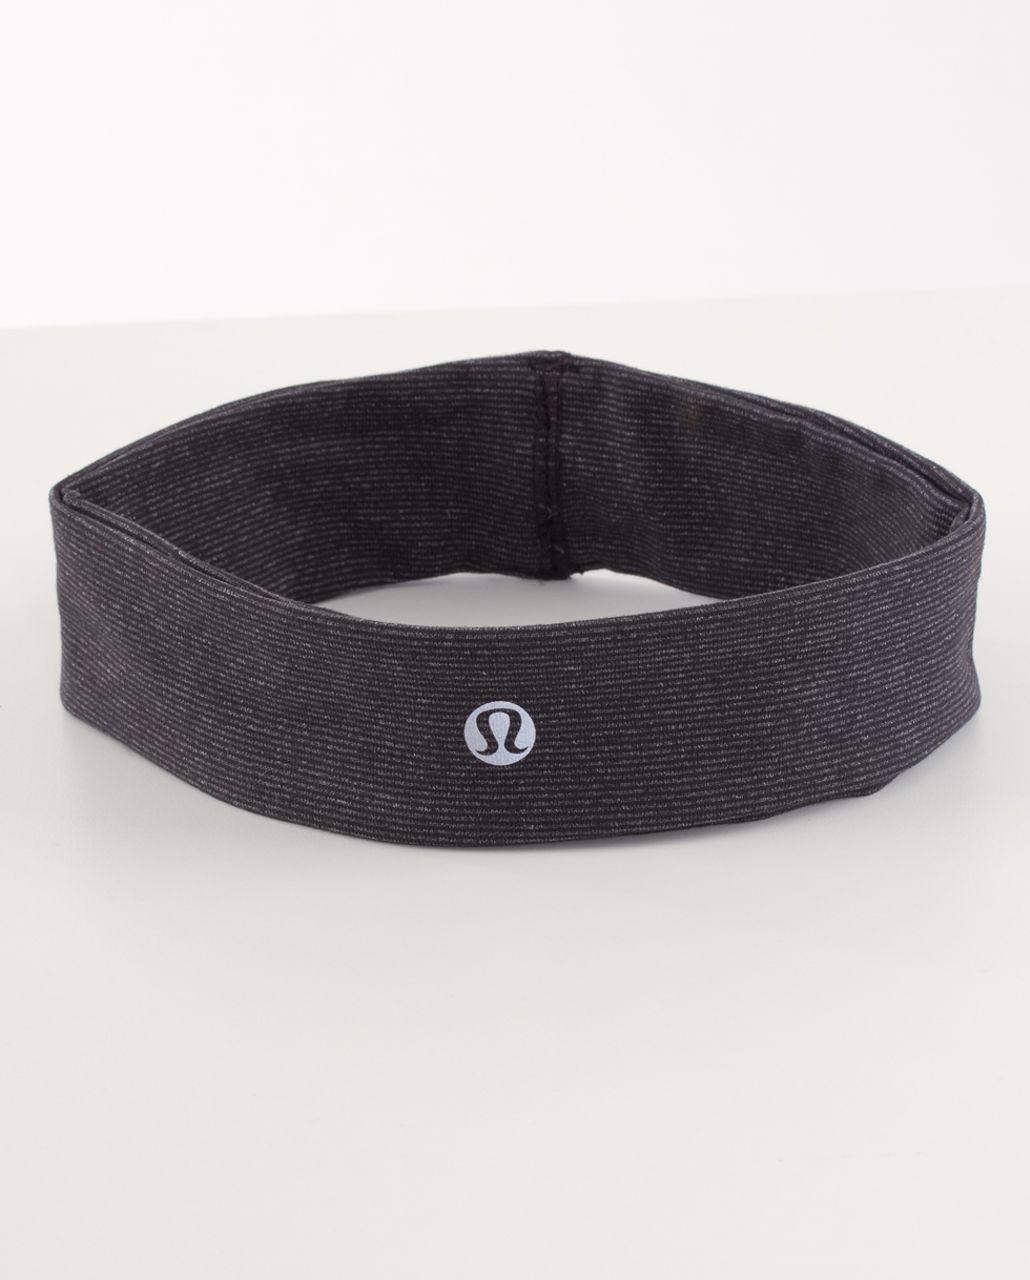 Lululemon Lucky Luon Headband - Deep Coal Heathered Coal Wee Stripe